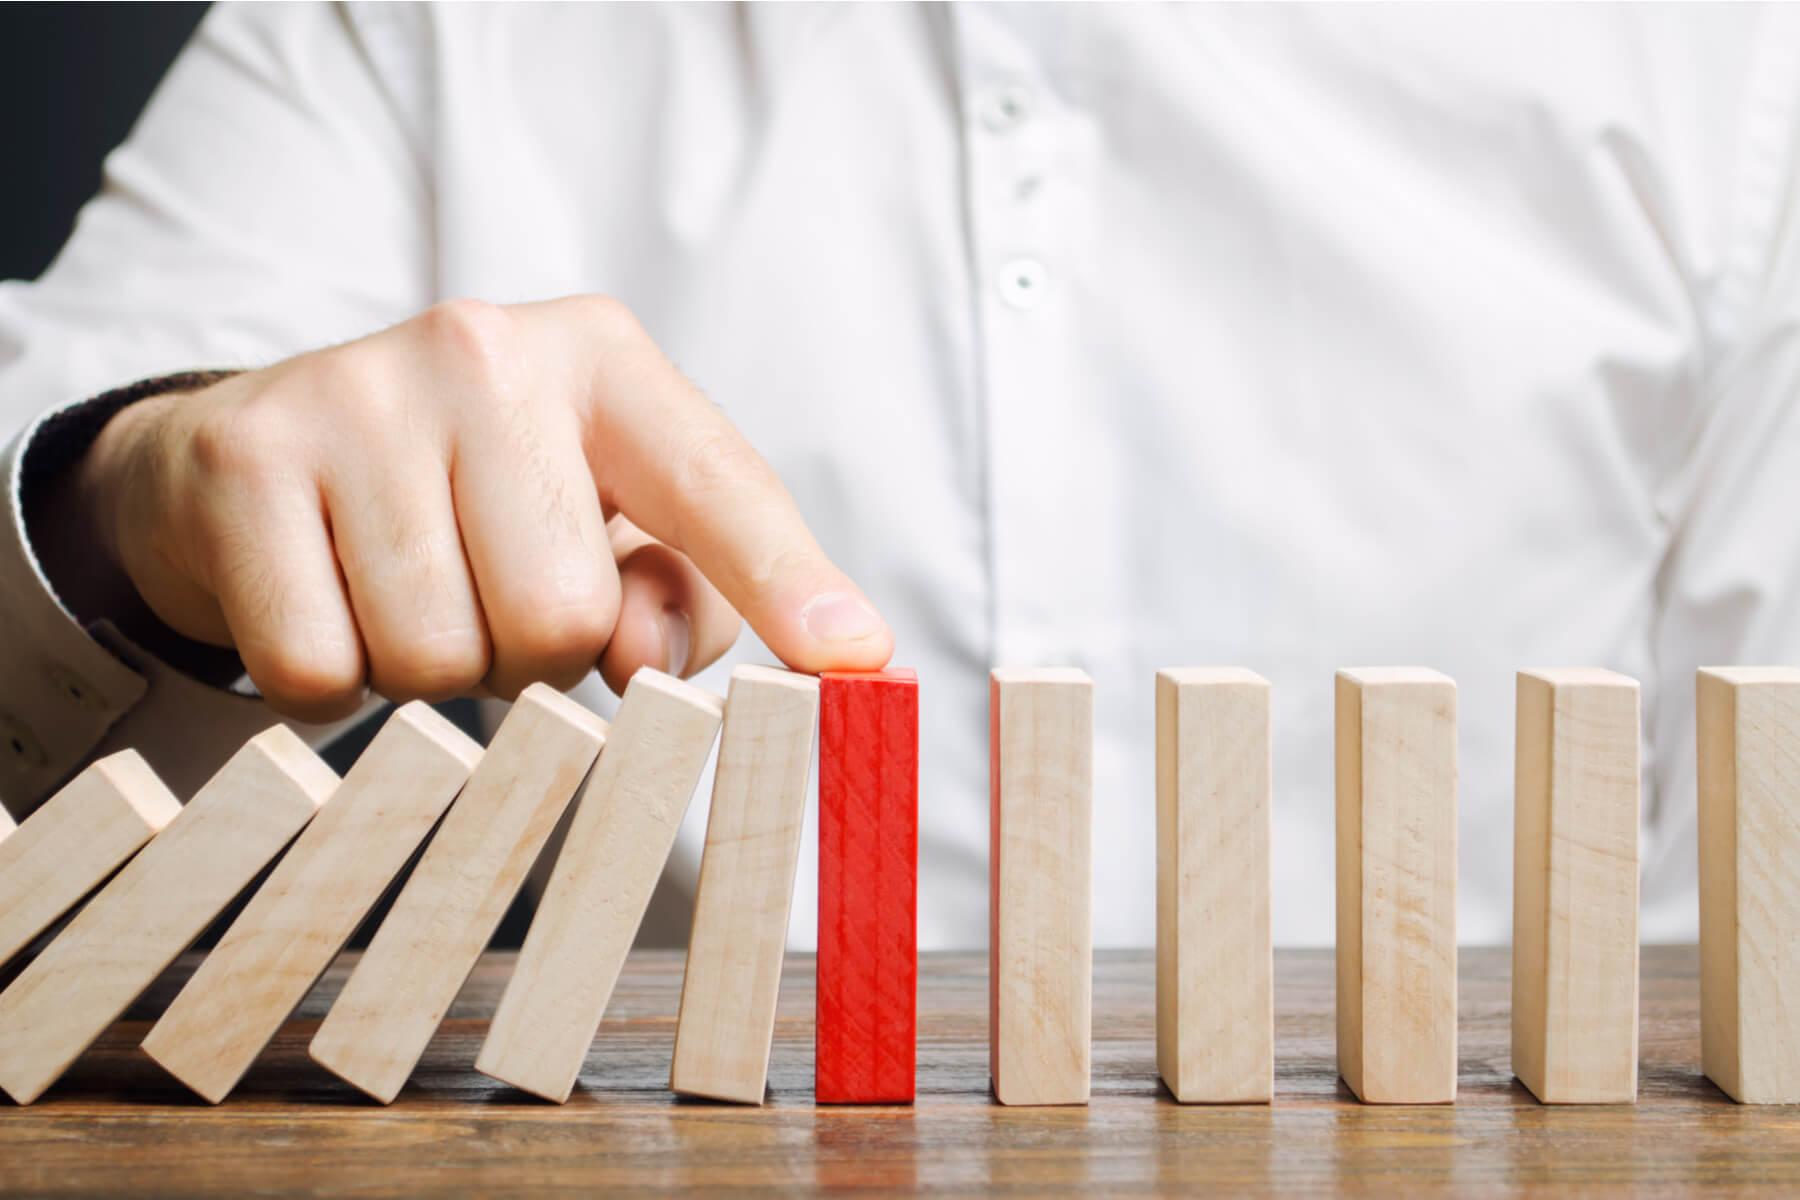 Restrukturierung und Sanierung sind zentraler, strategischer Wachstumstreiber für perpetuos unternehmerische Beratungsleistungen